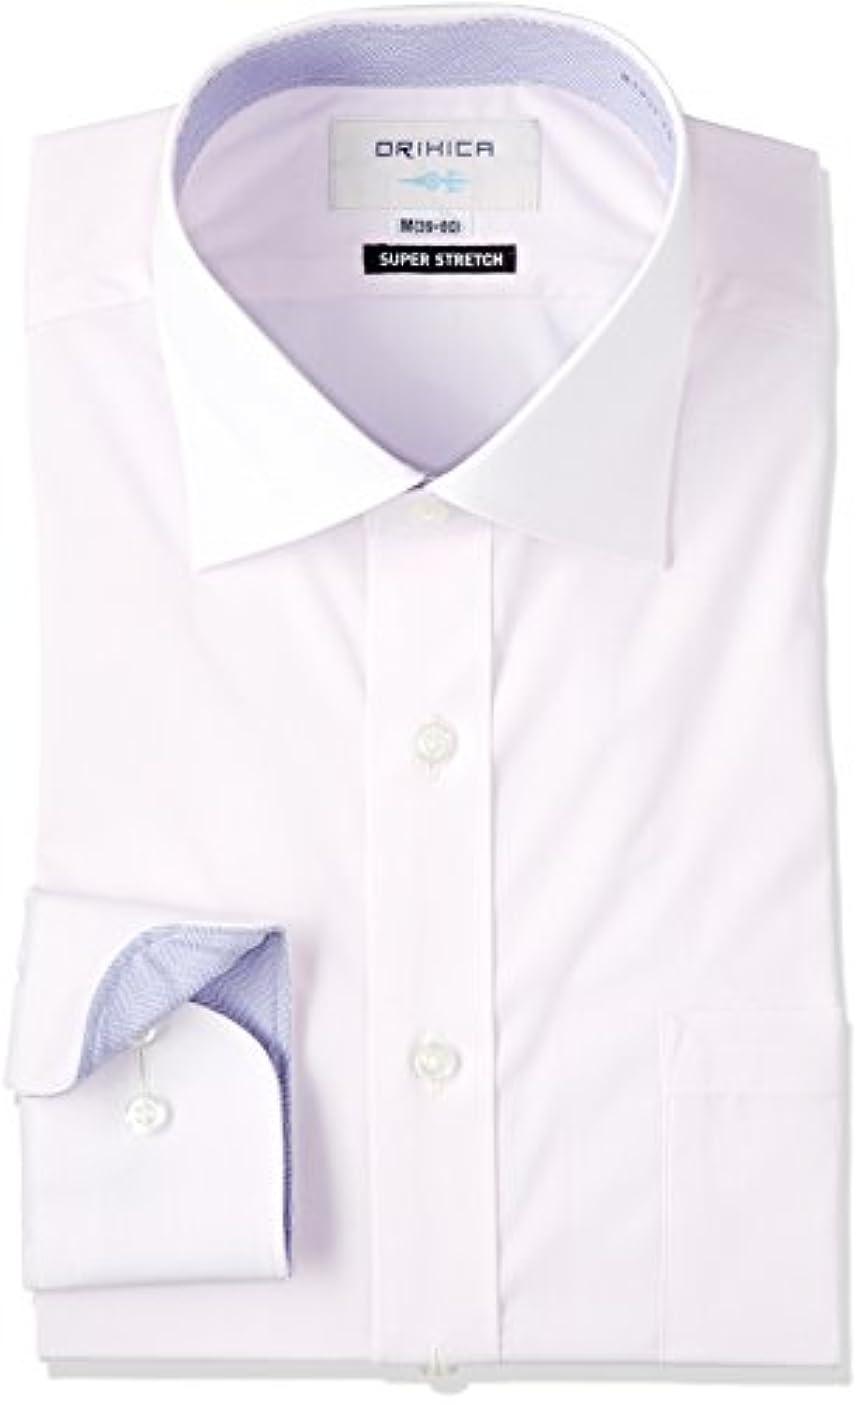 ログ促進するエンドテーブル(オリヒカ)ORIHICA ワイドカラーシャツ ピンク ストレッチ 無地切替ラベンダー織柄 FTLW3719 FTLW3719  ピンク M-Regular